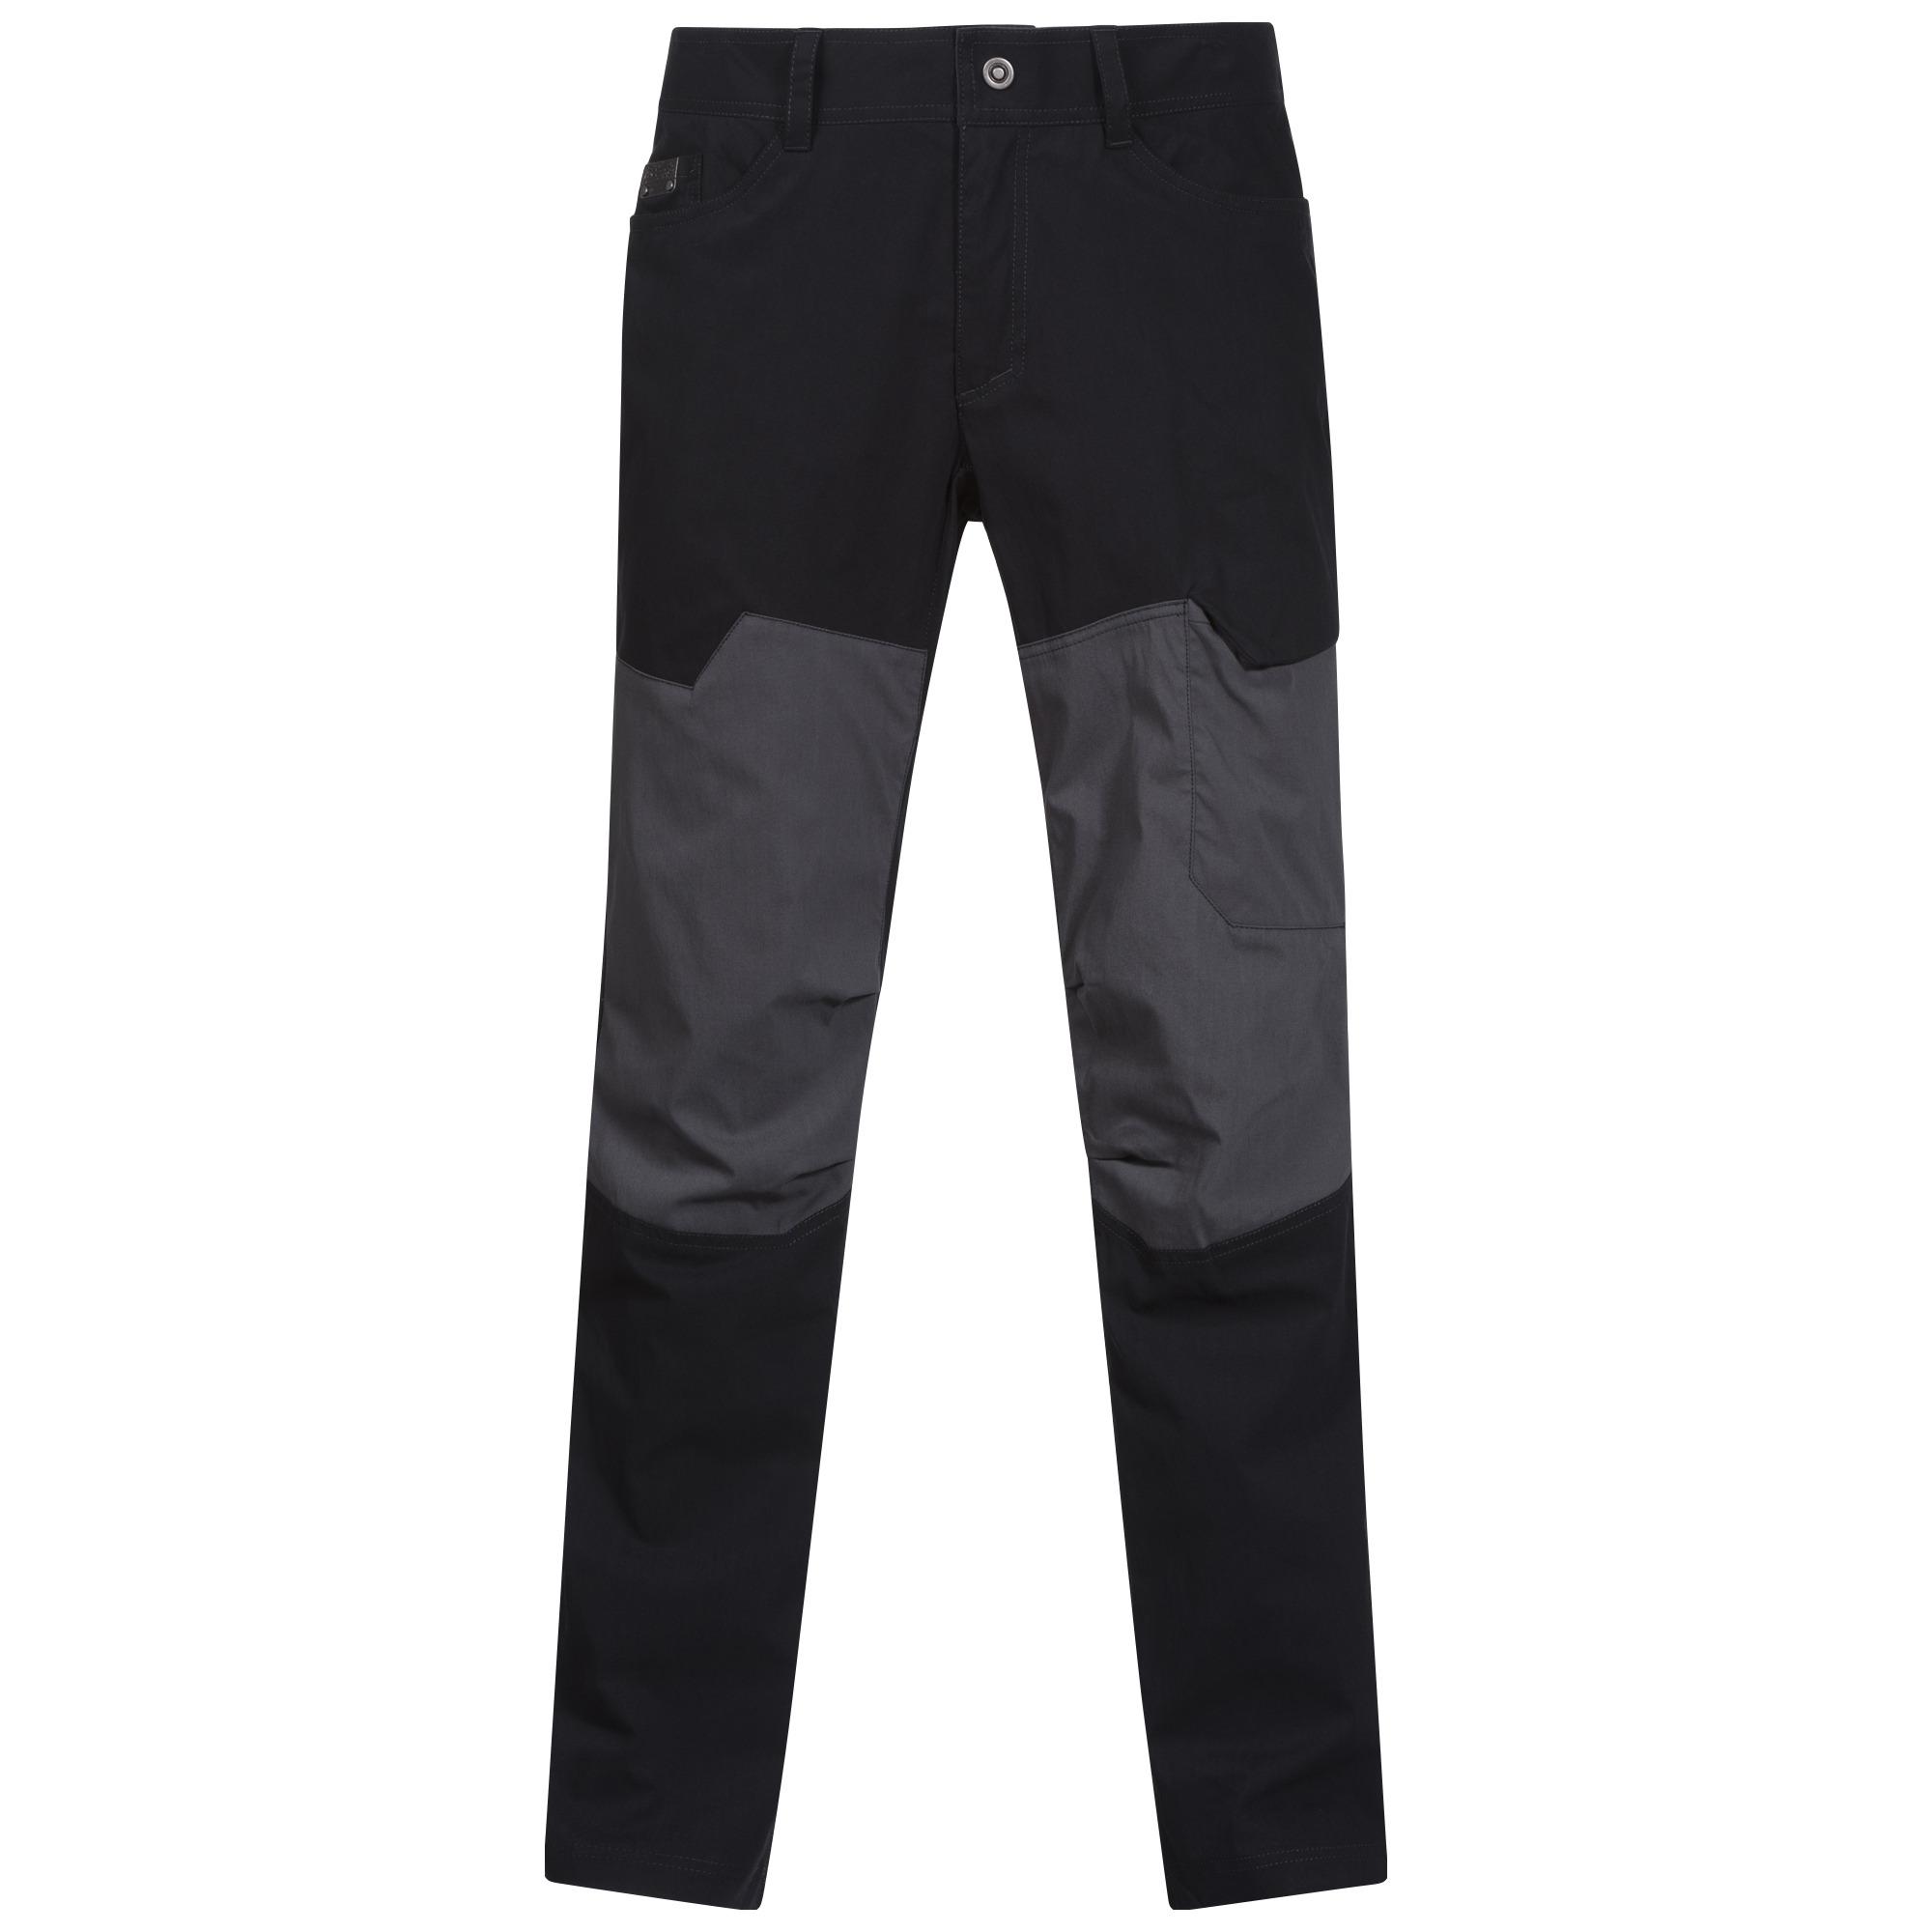 Pantaloni Bergans Fongen - Negru